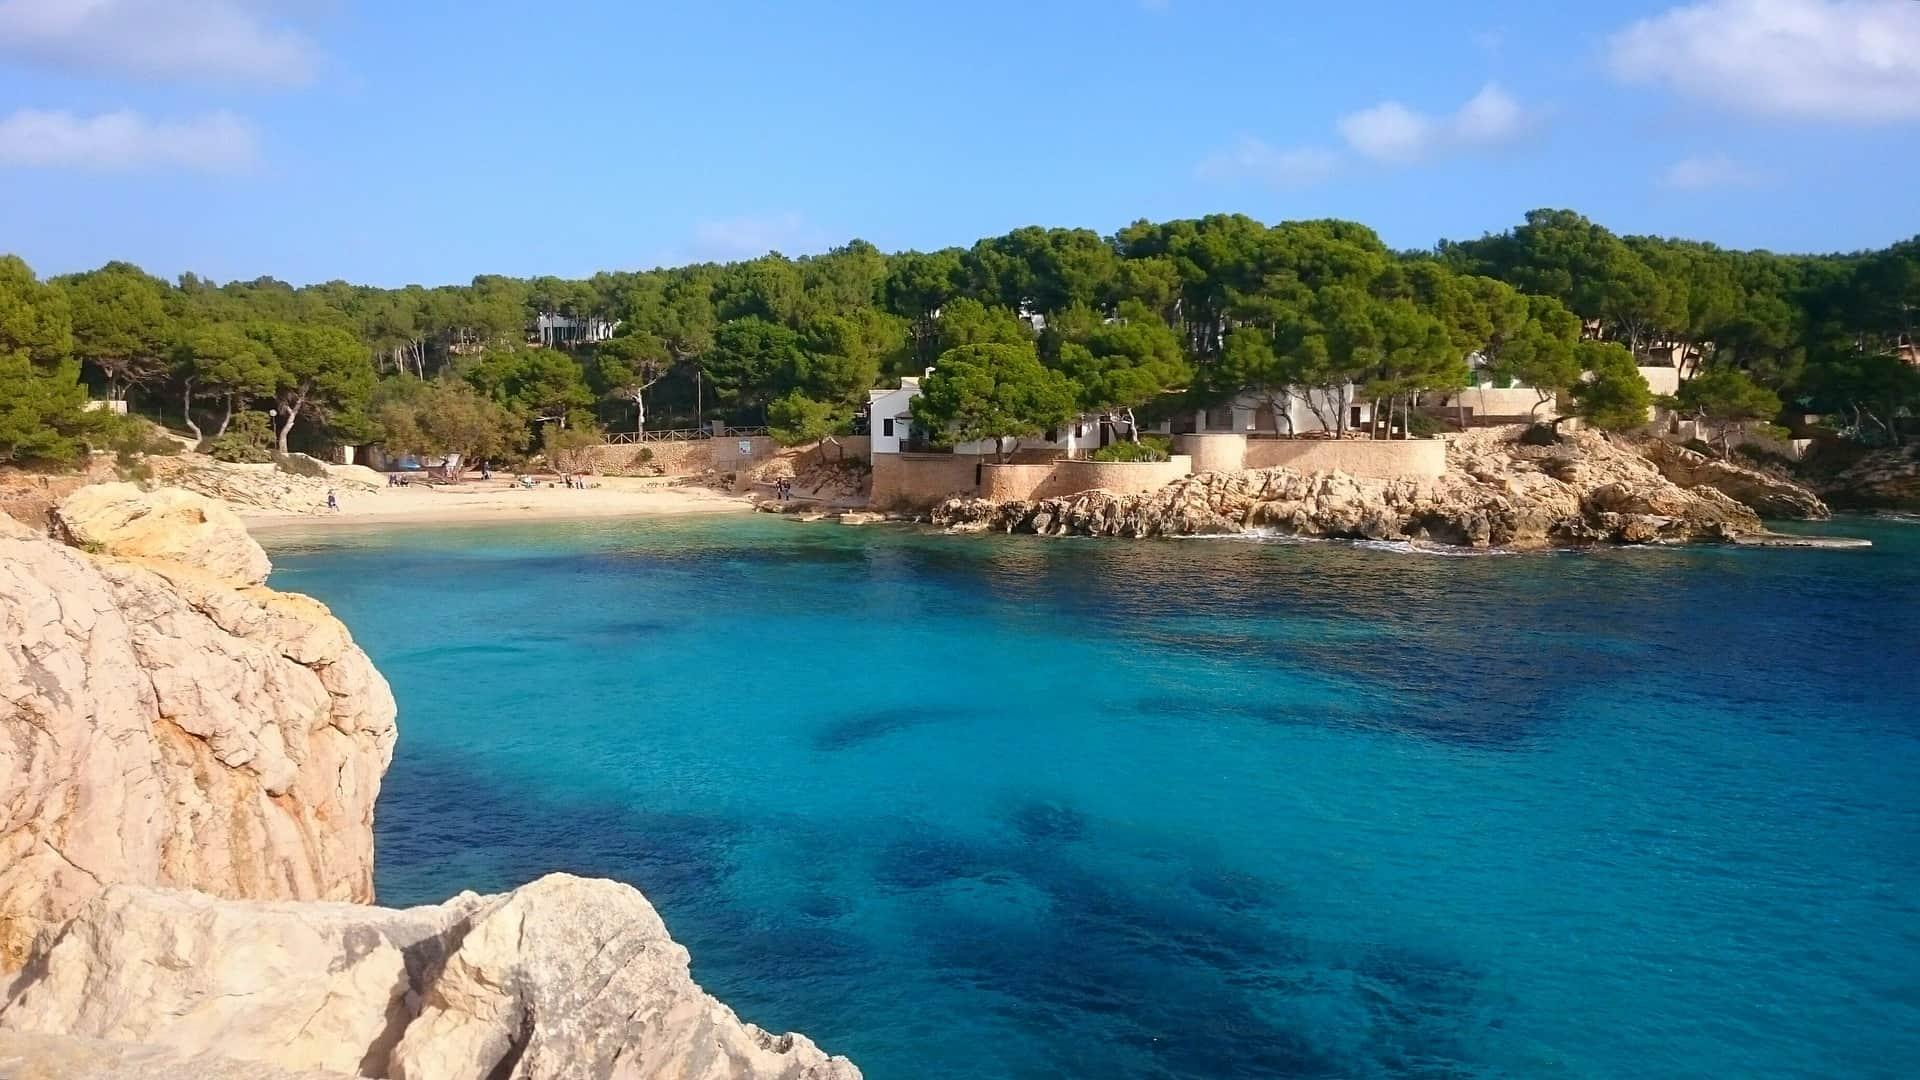 Mallorca 5 Sterne Billig Deal - nur 214,00€ die Woche